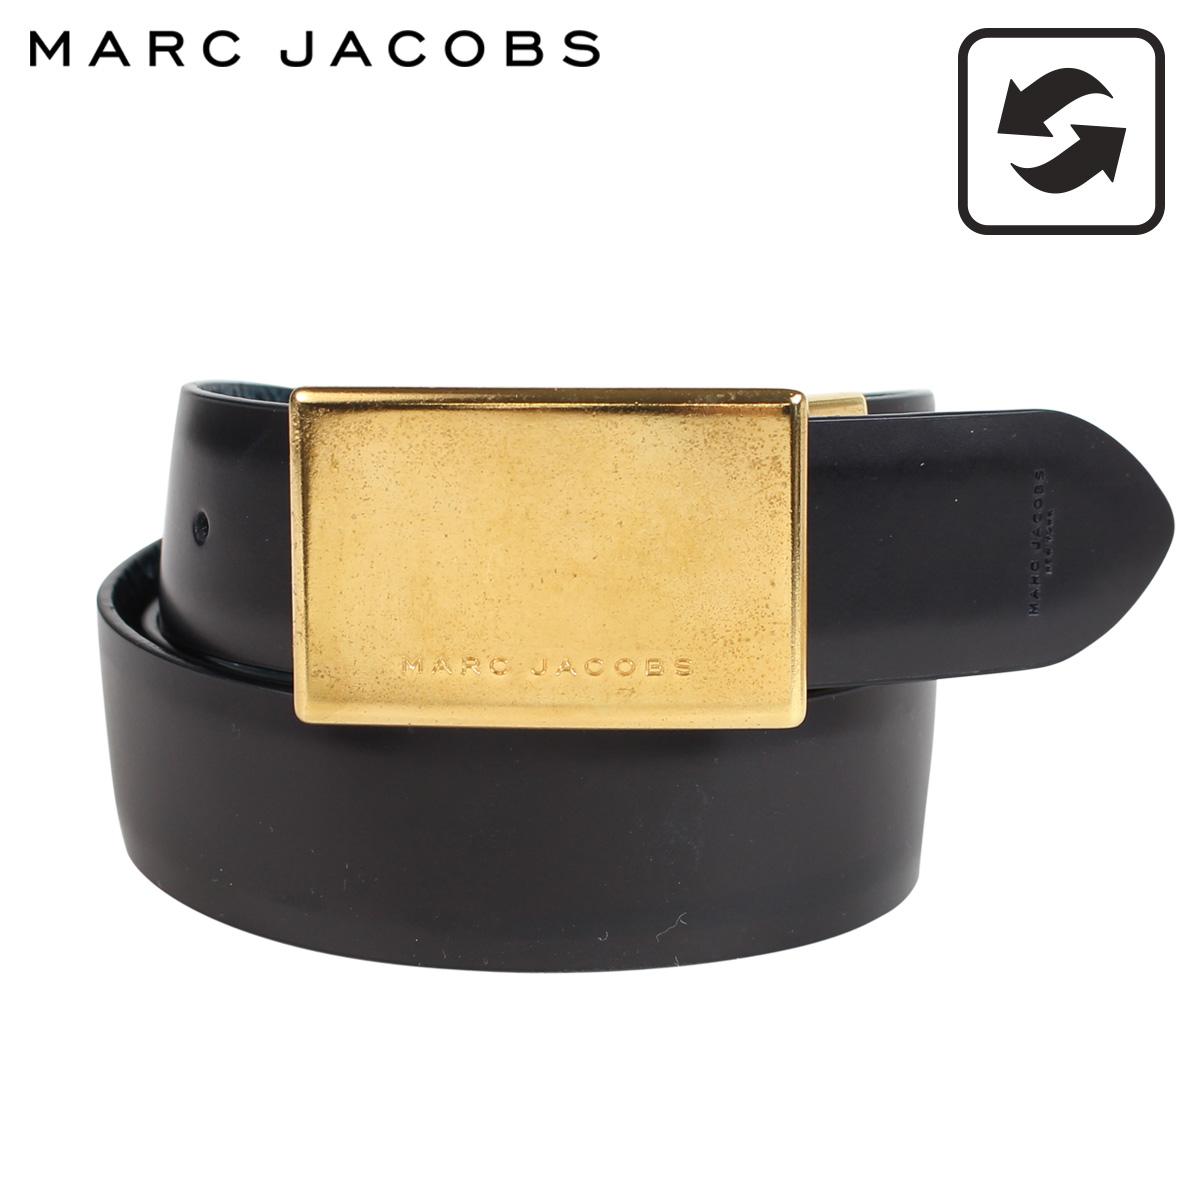 MARC JACOBS MJ REGIMENT BELT マークジェイコブス ベルト レザーベルト メンズ 本革 リバーシブル ブラック ブルー S84TP0158